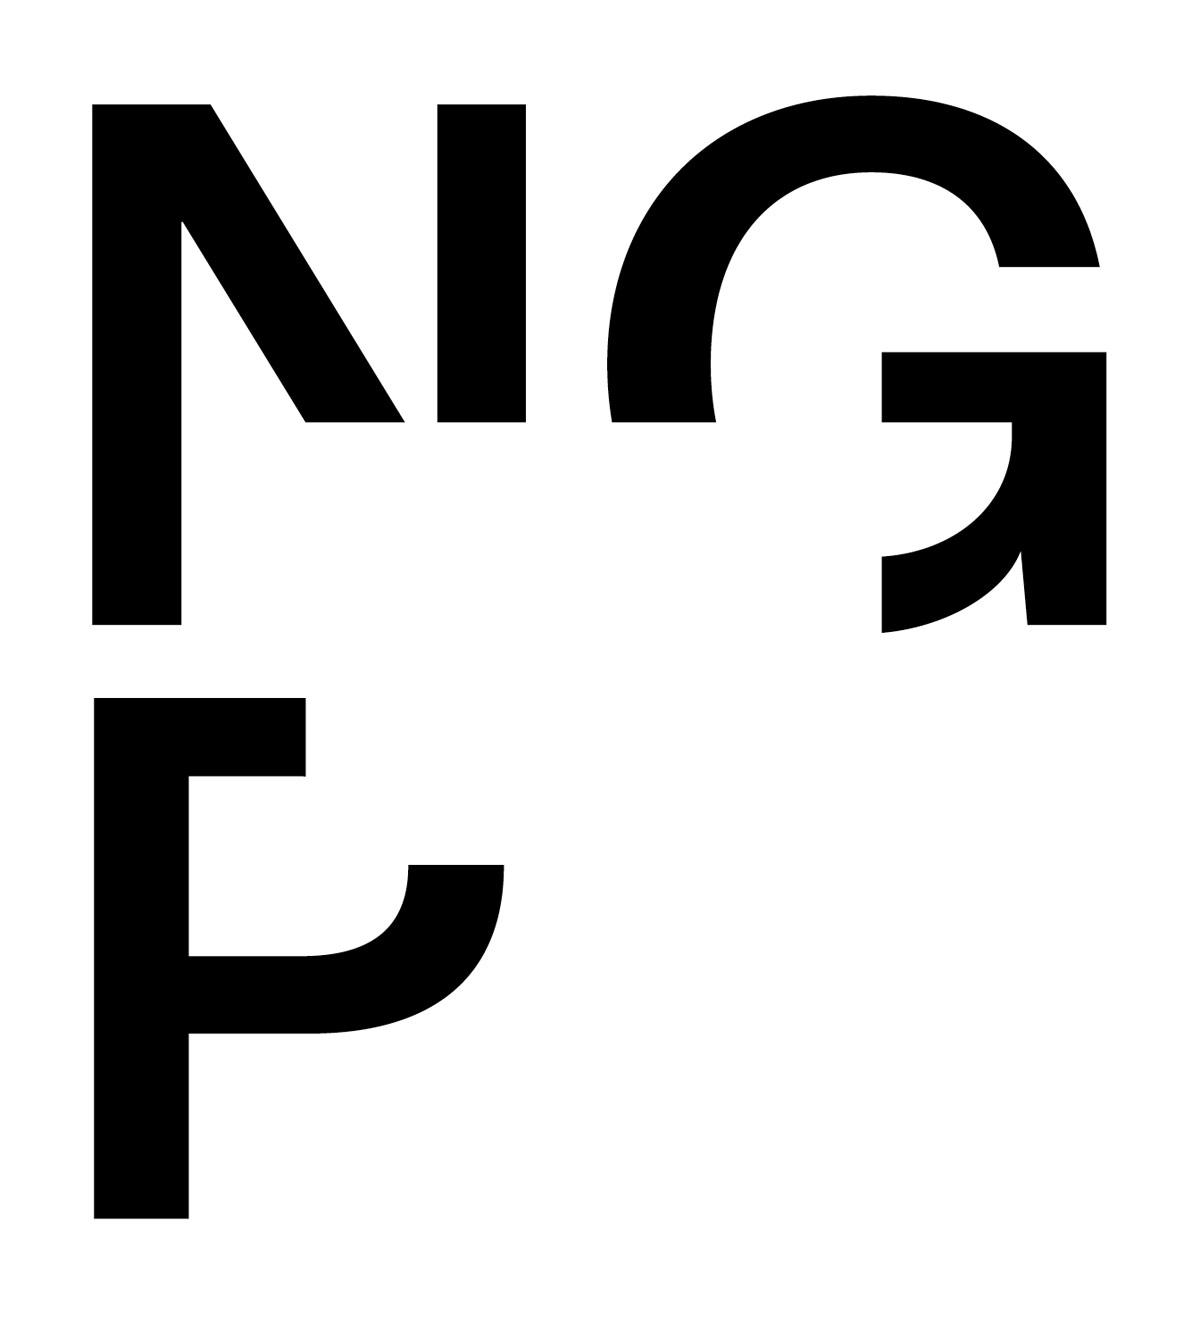 narodni-galerie-logo-najbrt-01